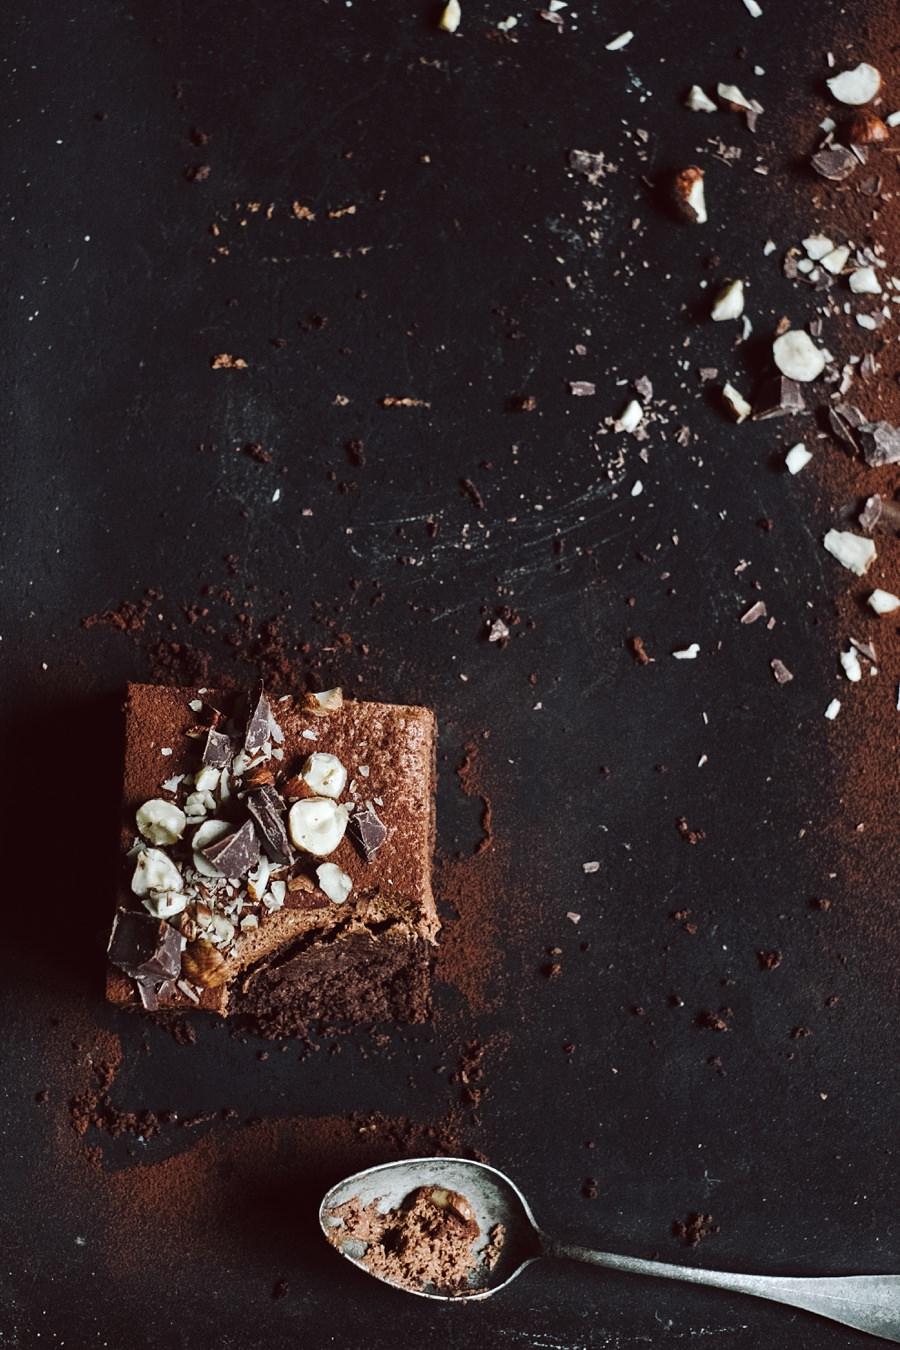 mousse-au-chocolat-cake-09.jpg